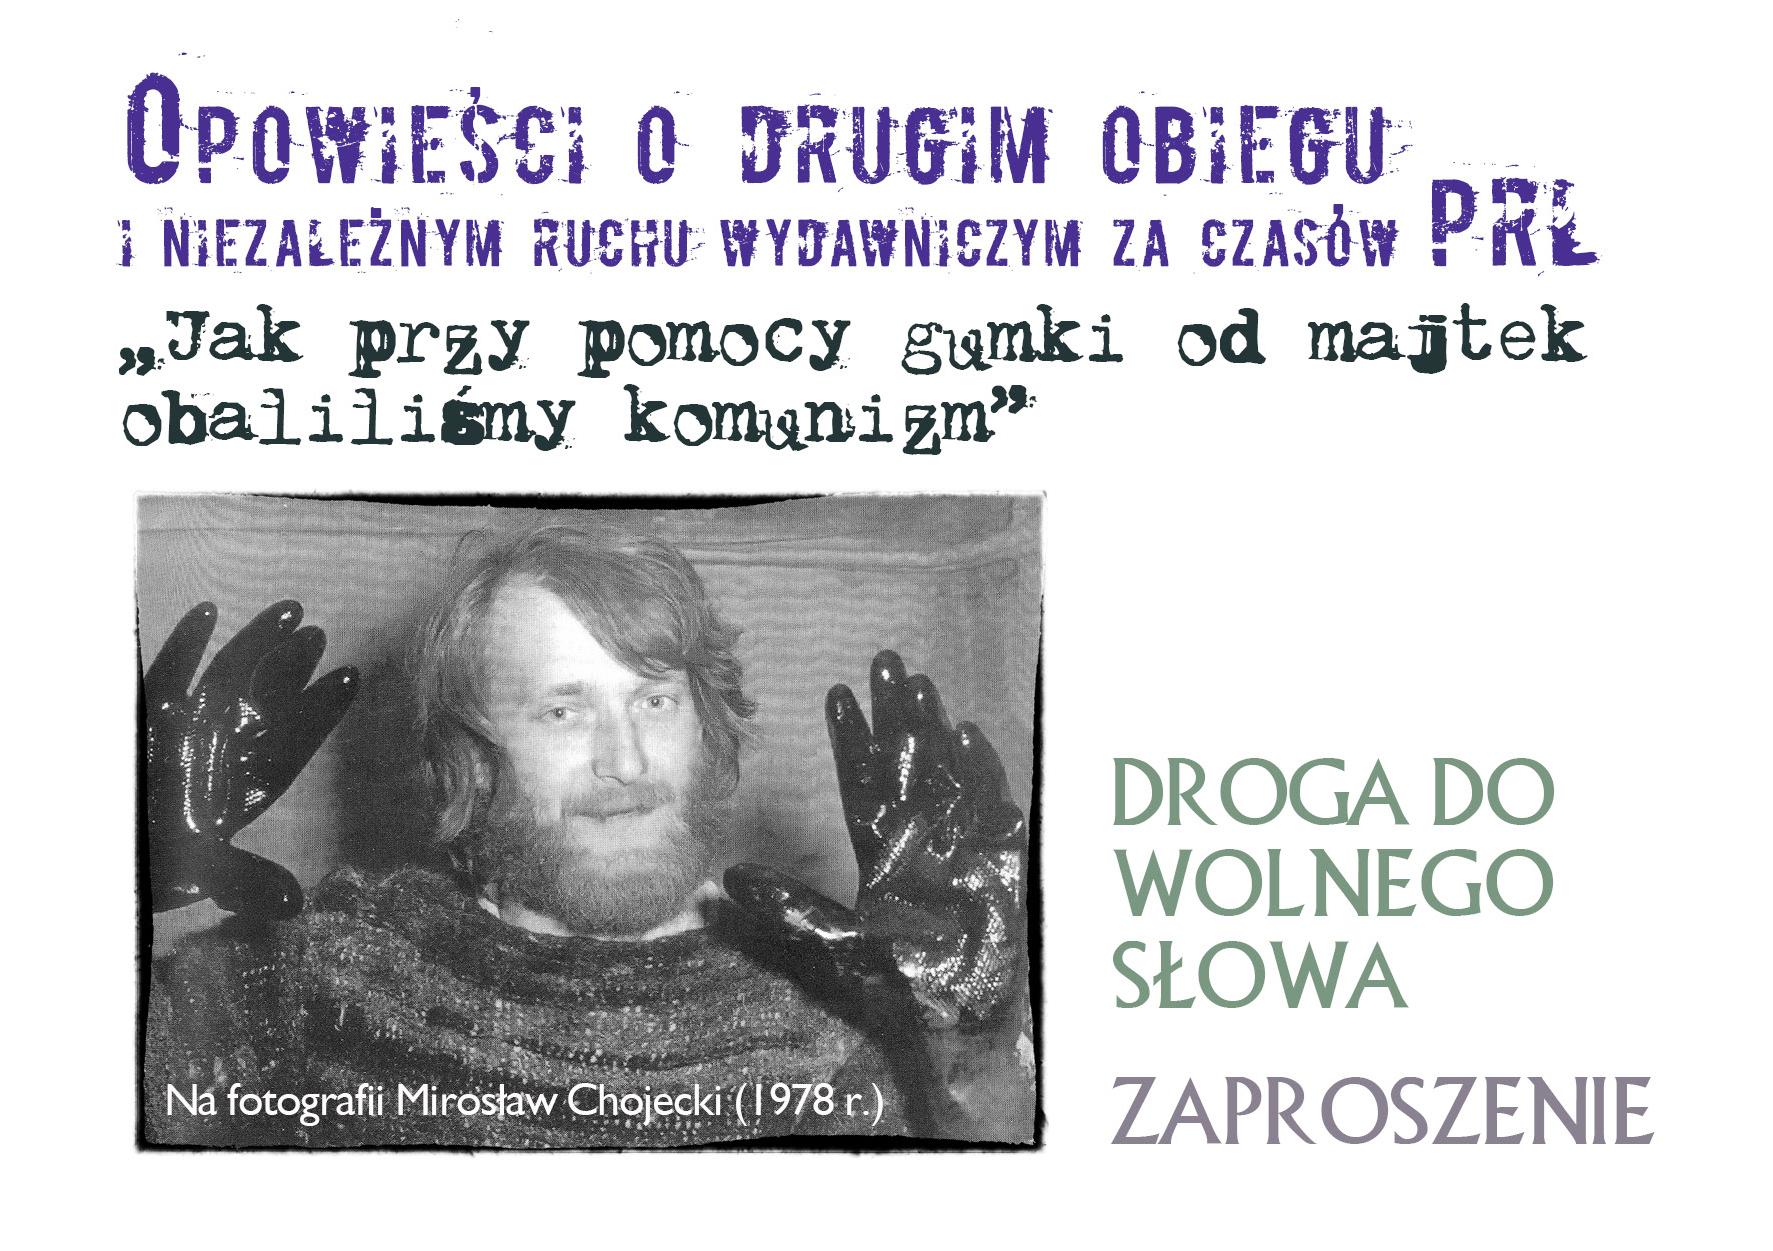 Zaproszenie awers01